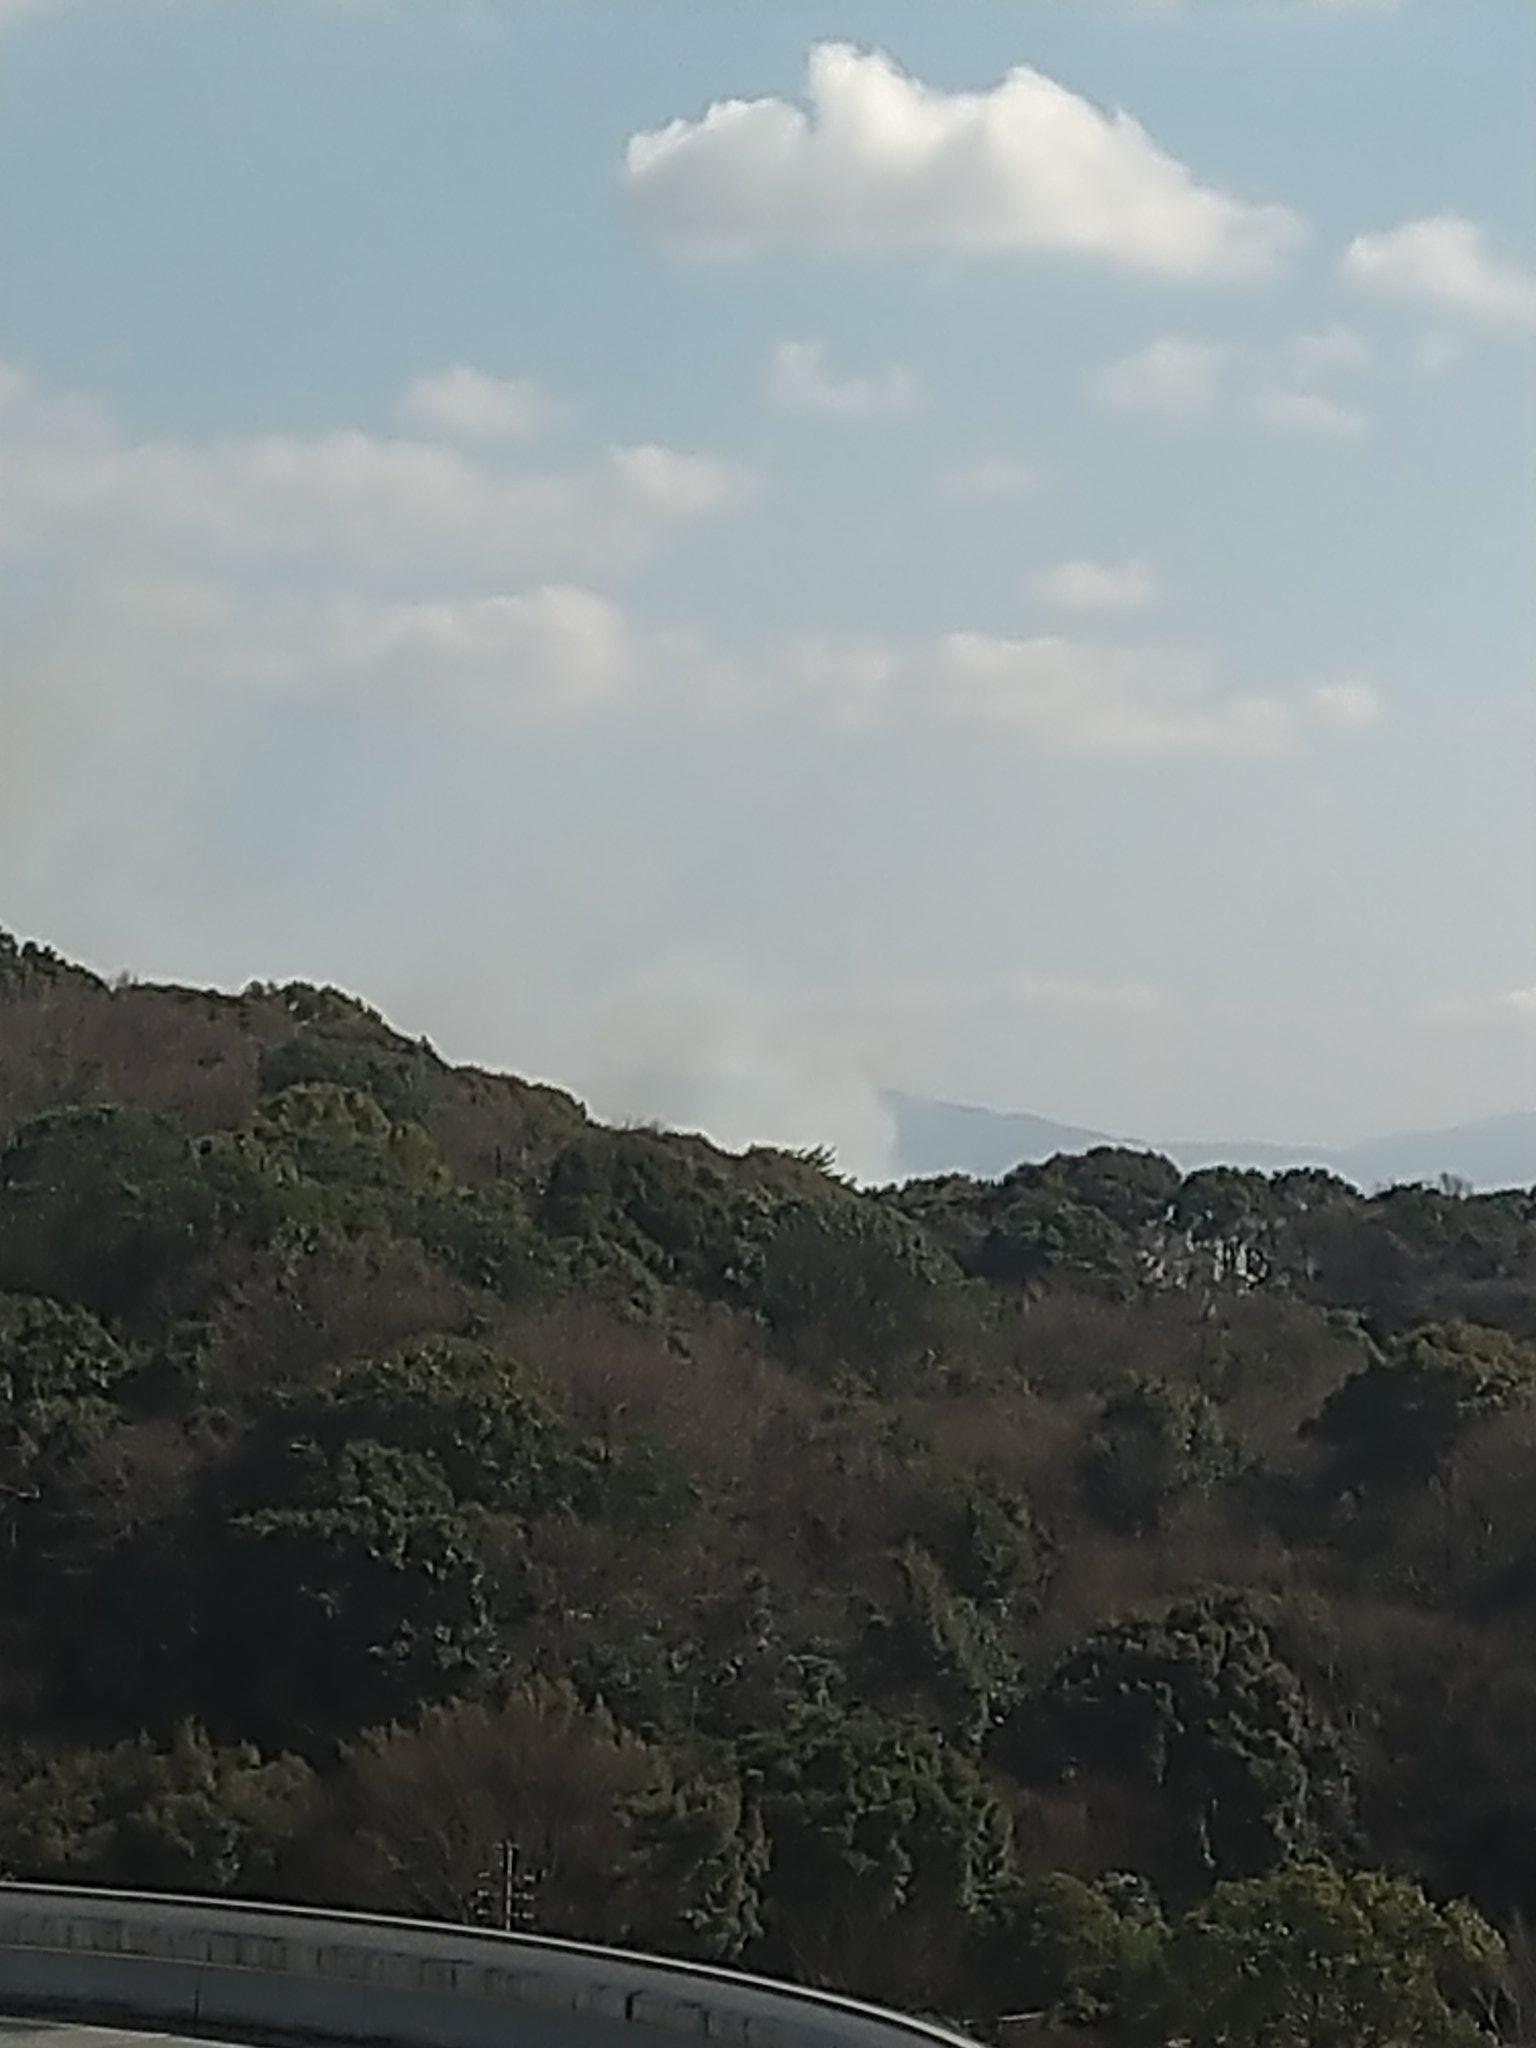 画像,こちらからも火事を視認できた https://t.co/zh72mt3IO1。